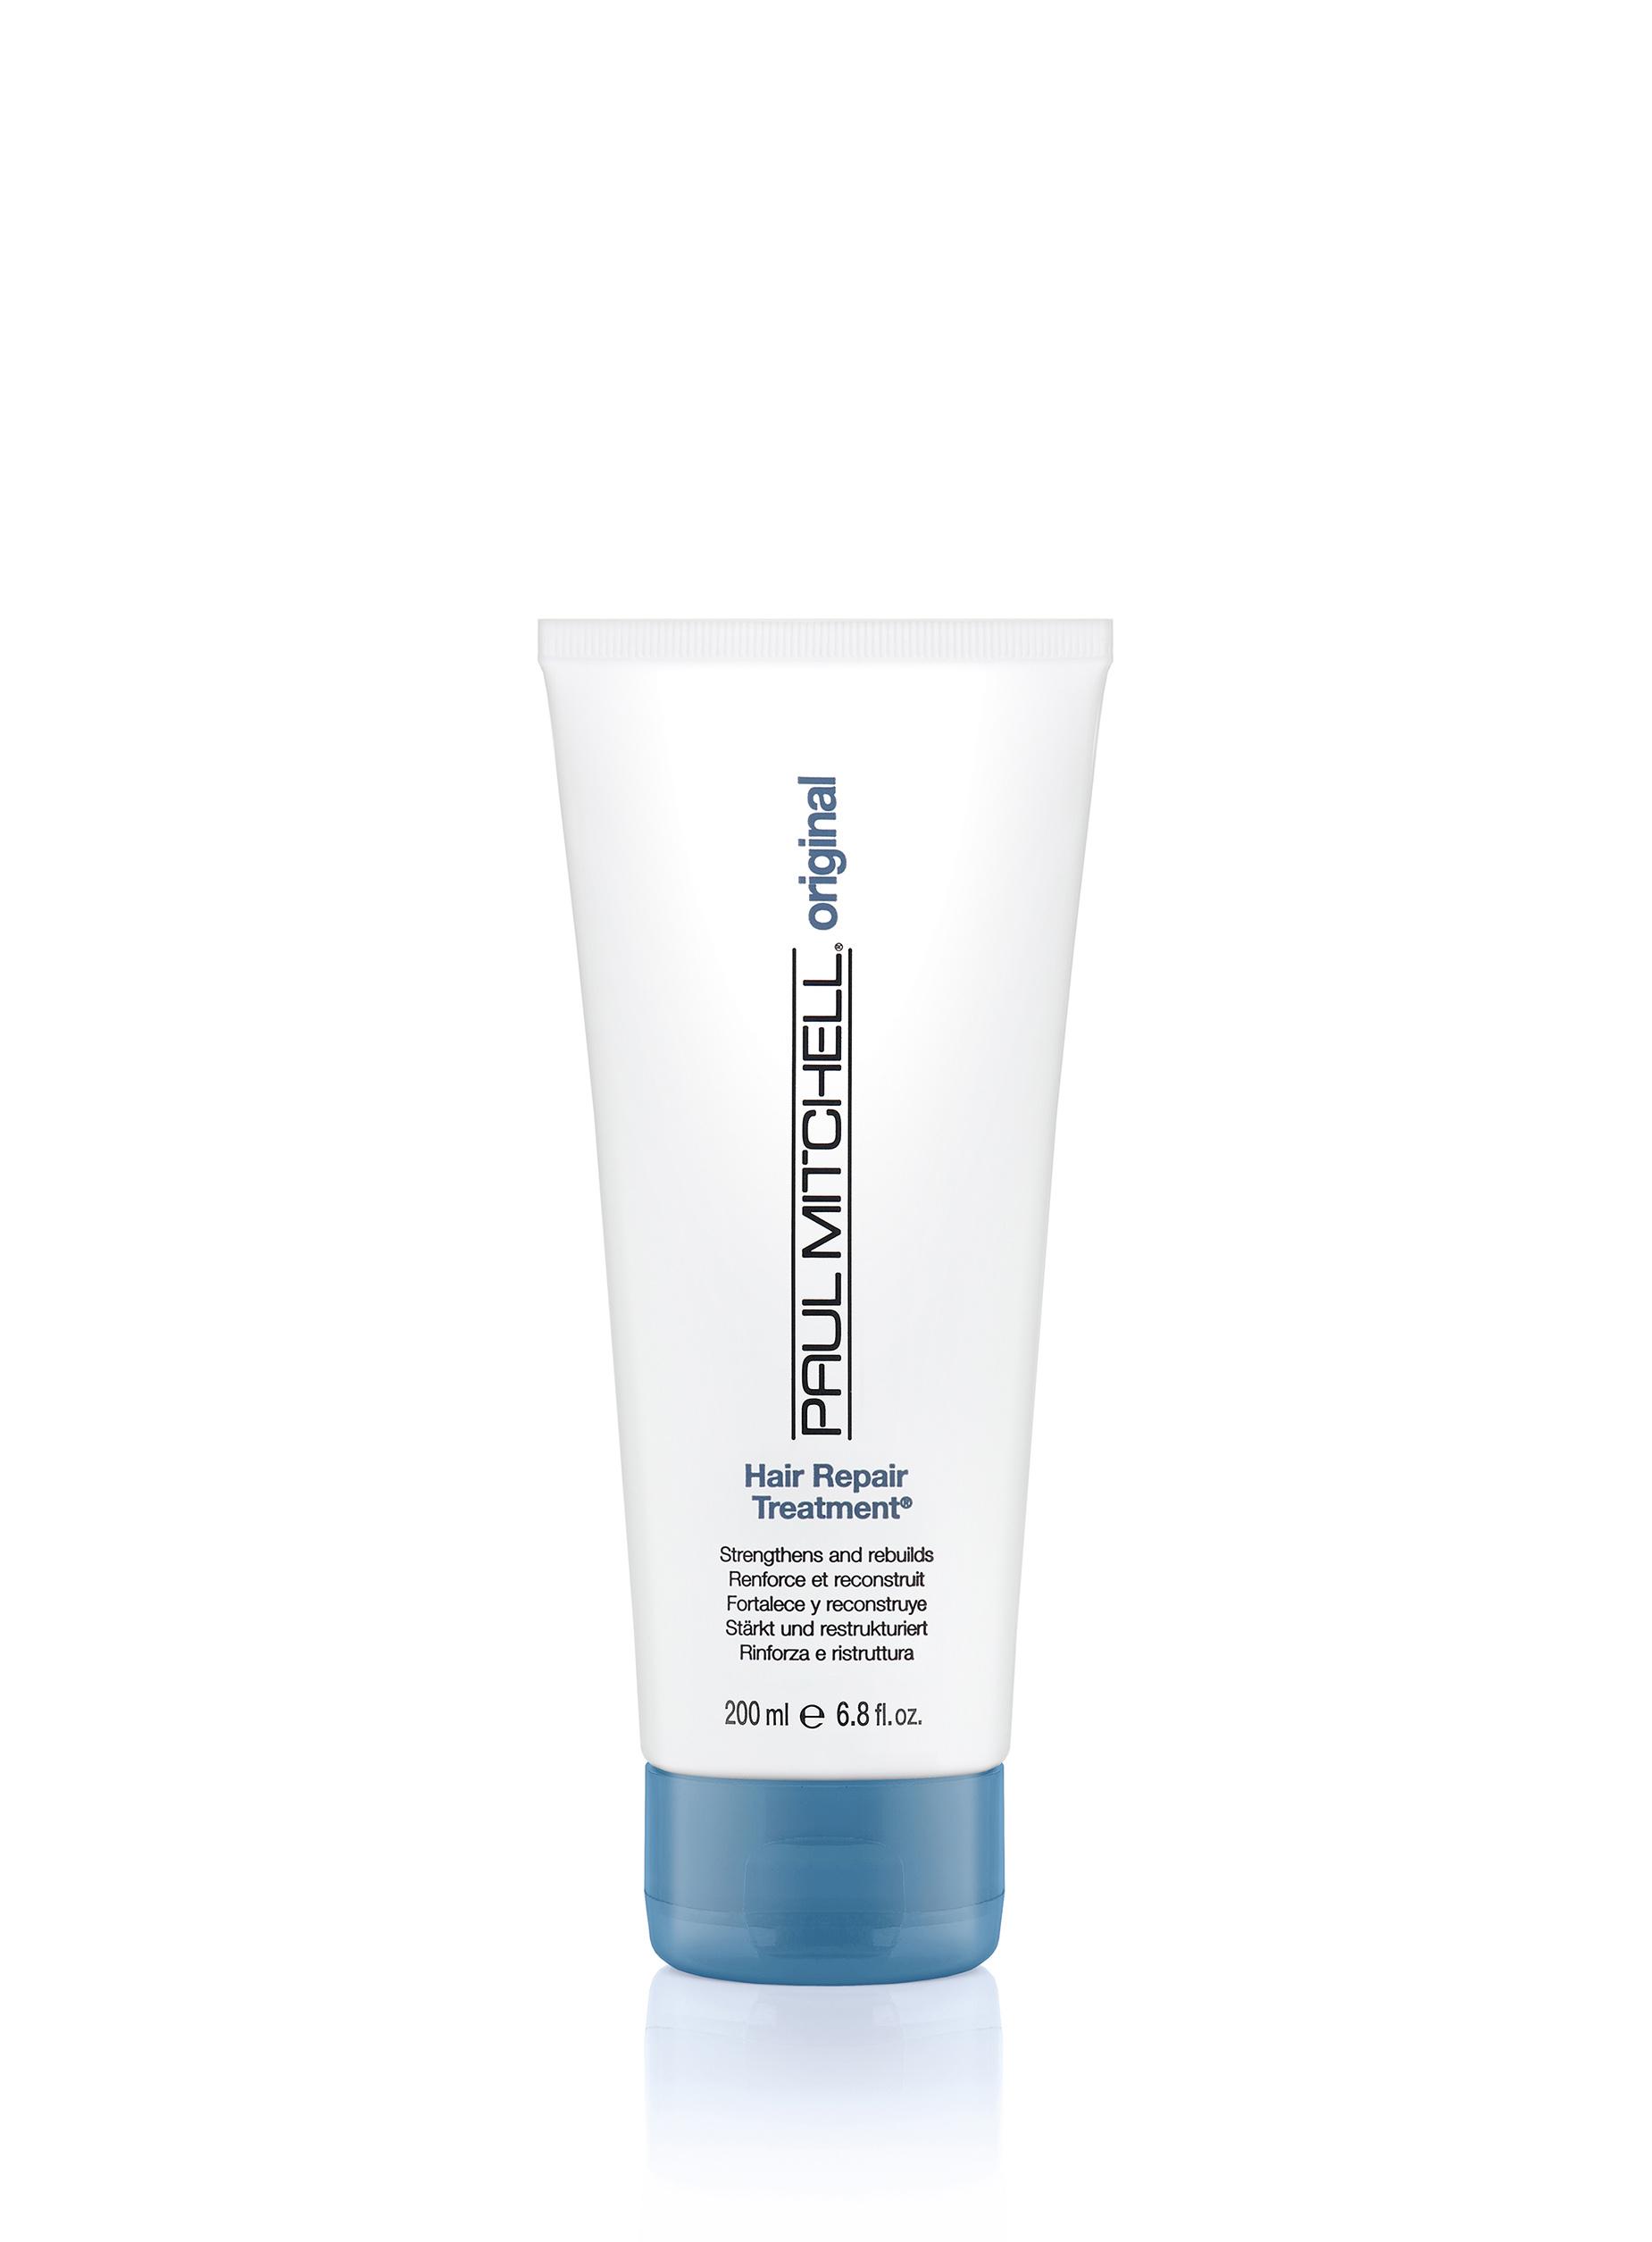 Paul Mitchell Hair Repair Treatment 200 ml | Hair & Style - Onlineshop